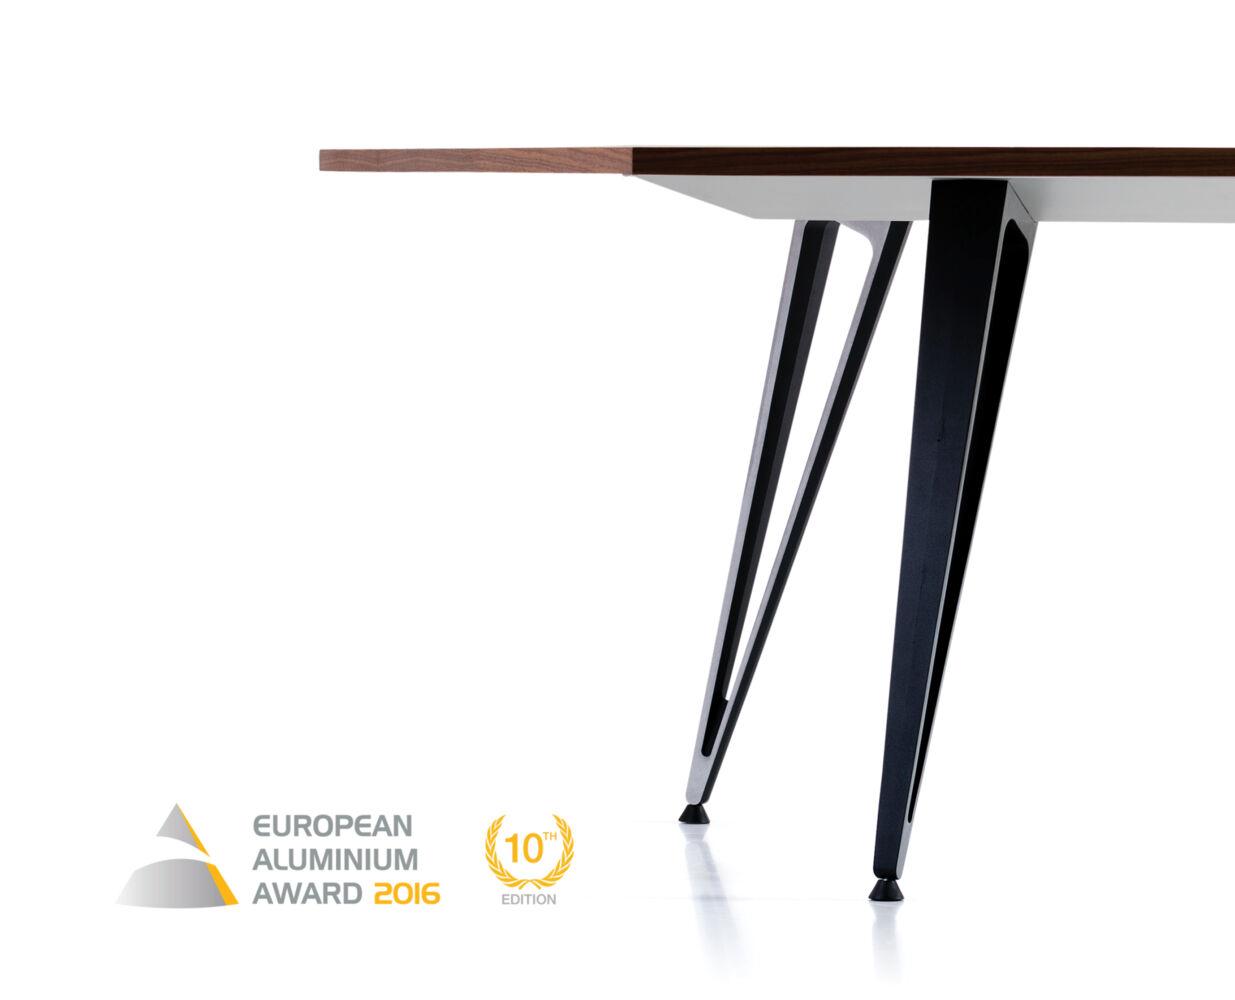 Lammhults u2019 table system Attach, wins the European Aluminium Award 2016 News& Stories Lammhults